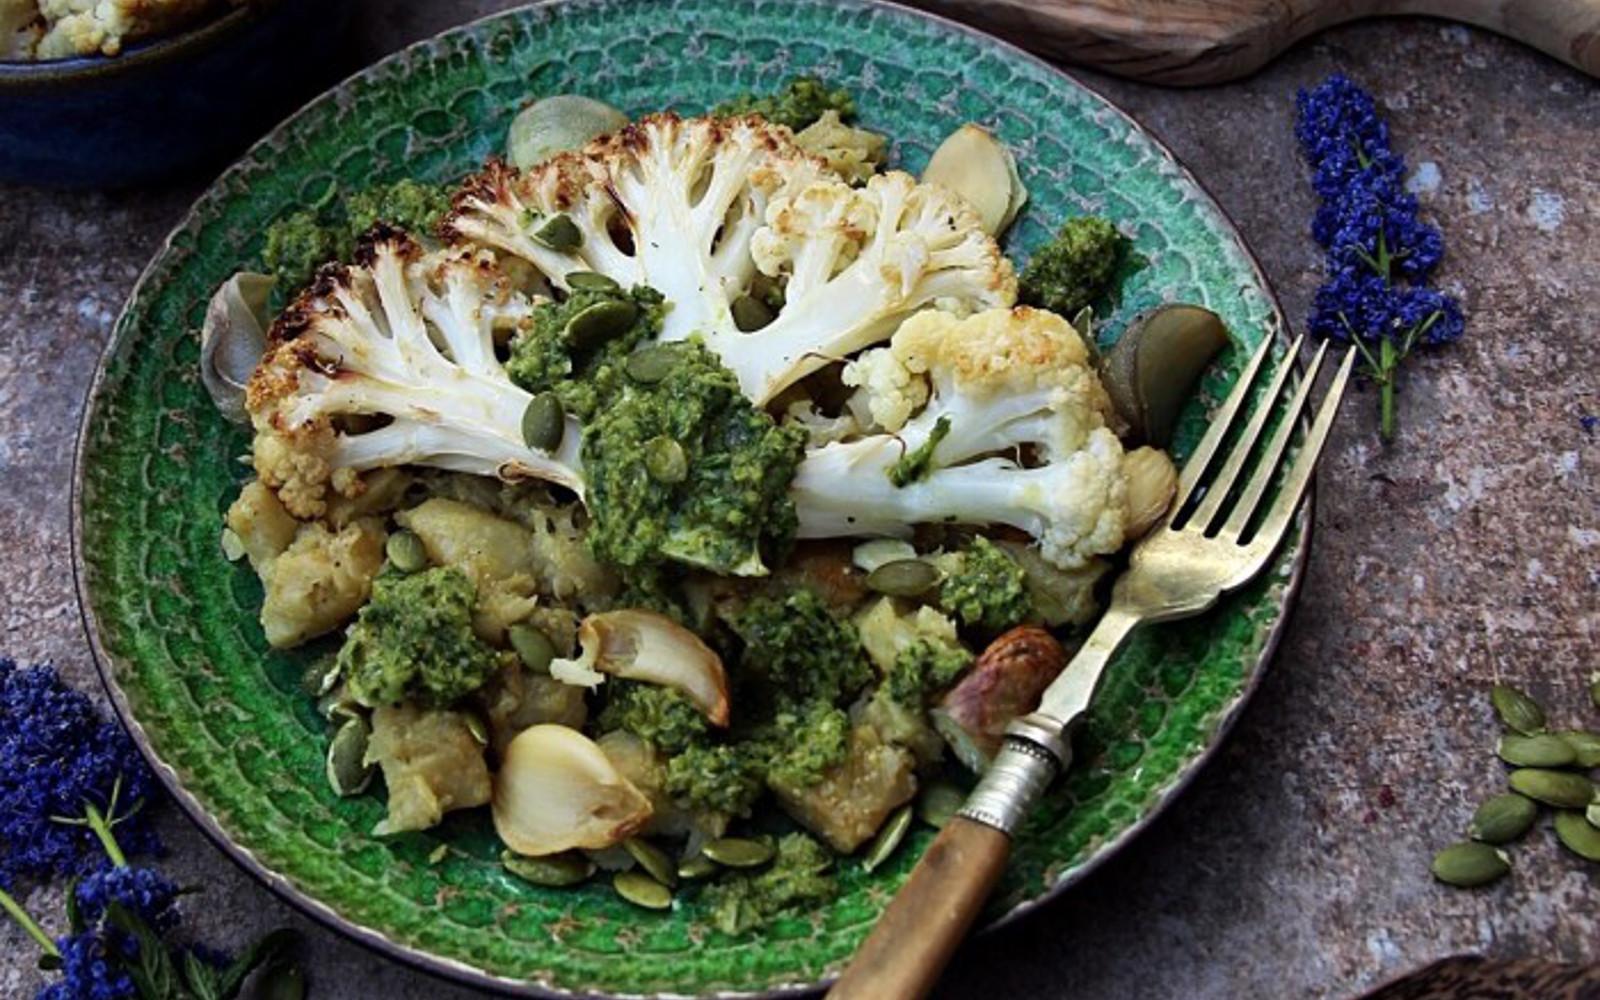 Cauliflower Steak With Celeriac and Caper Dressing